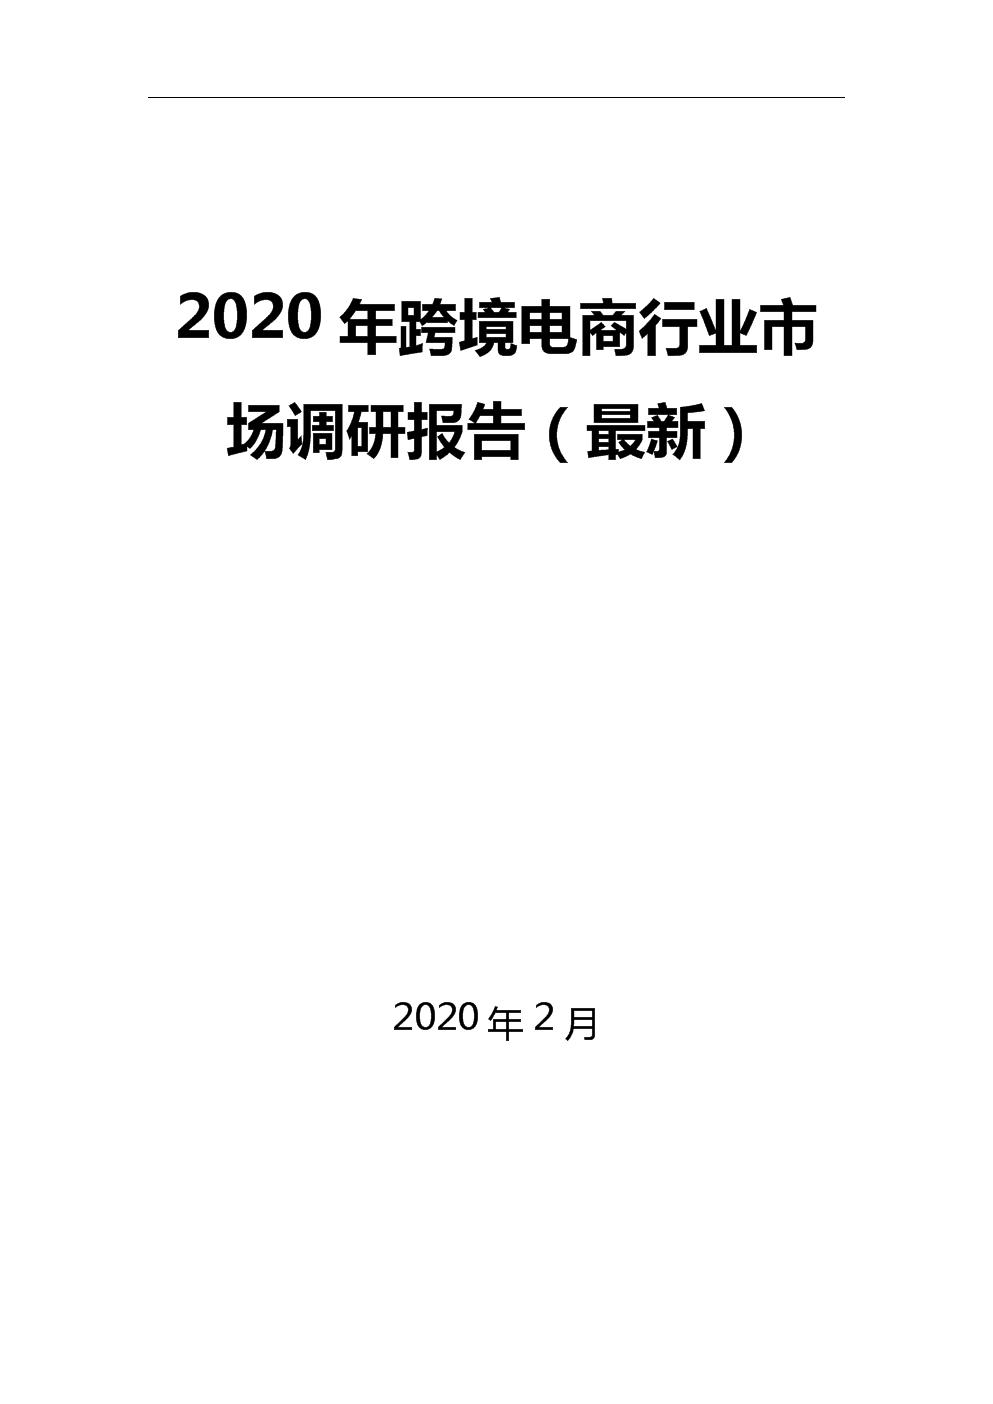 2020年跨境电商行业市场调研报告(最新).docx